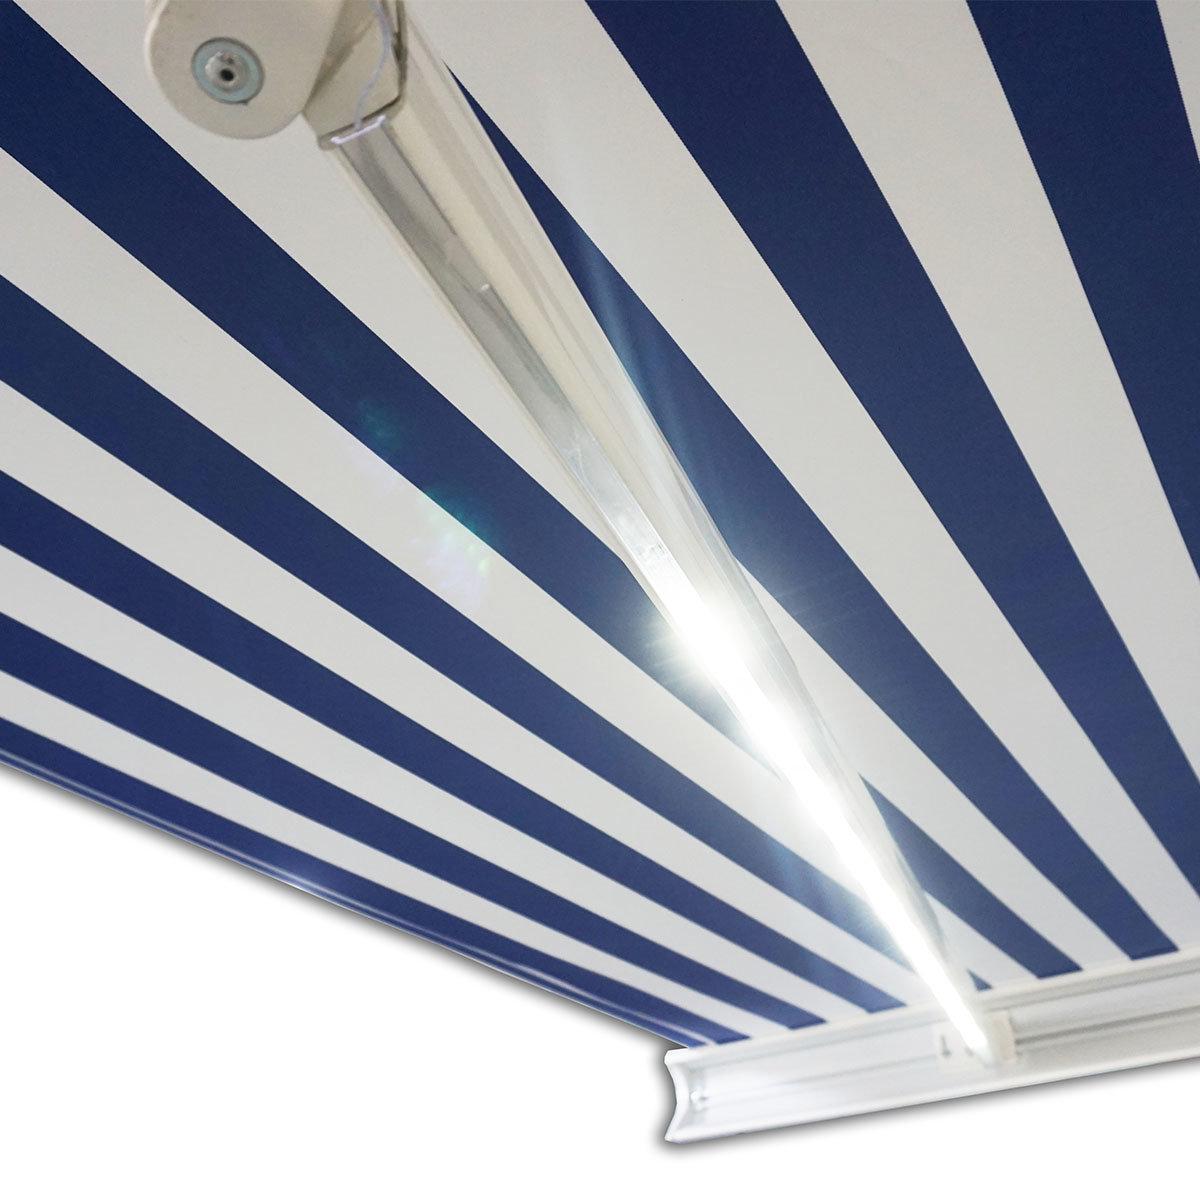 Vollelektrische Kassettenmarkise Elos V2 marineblau-weiß 500 x 300 cm mit Windsensor | #4